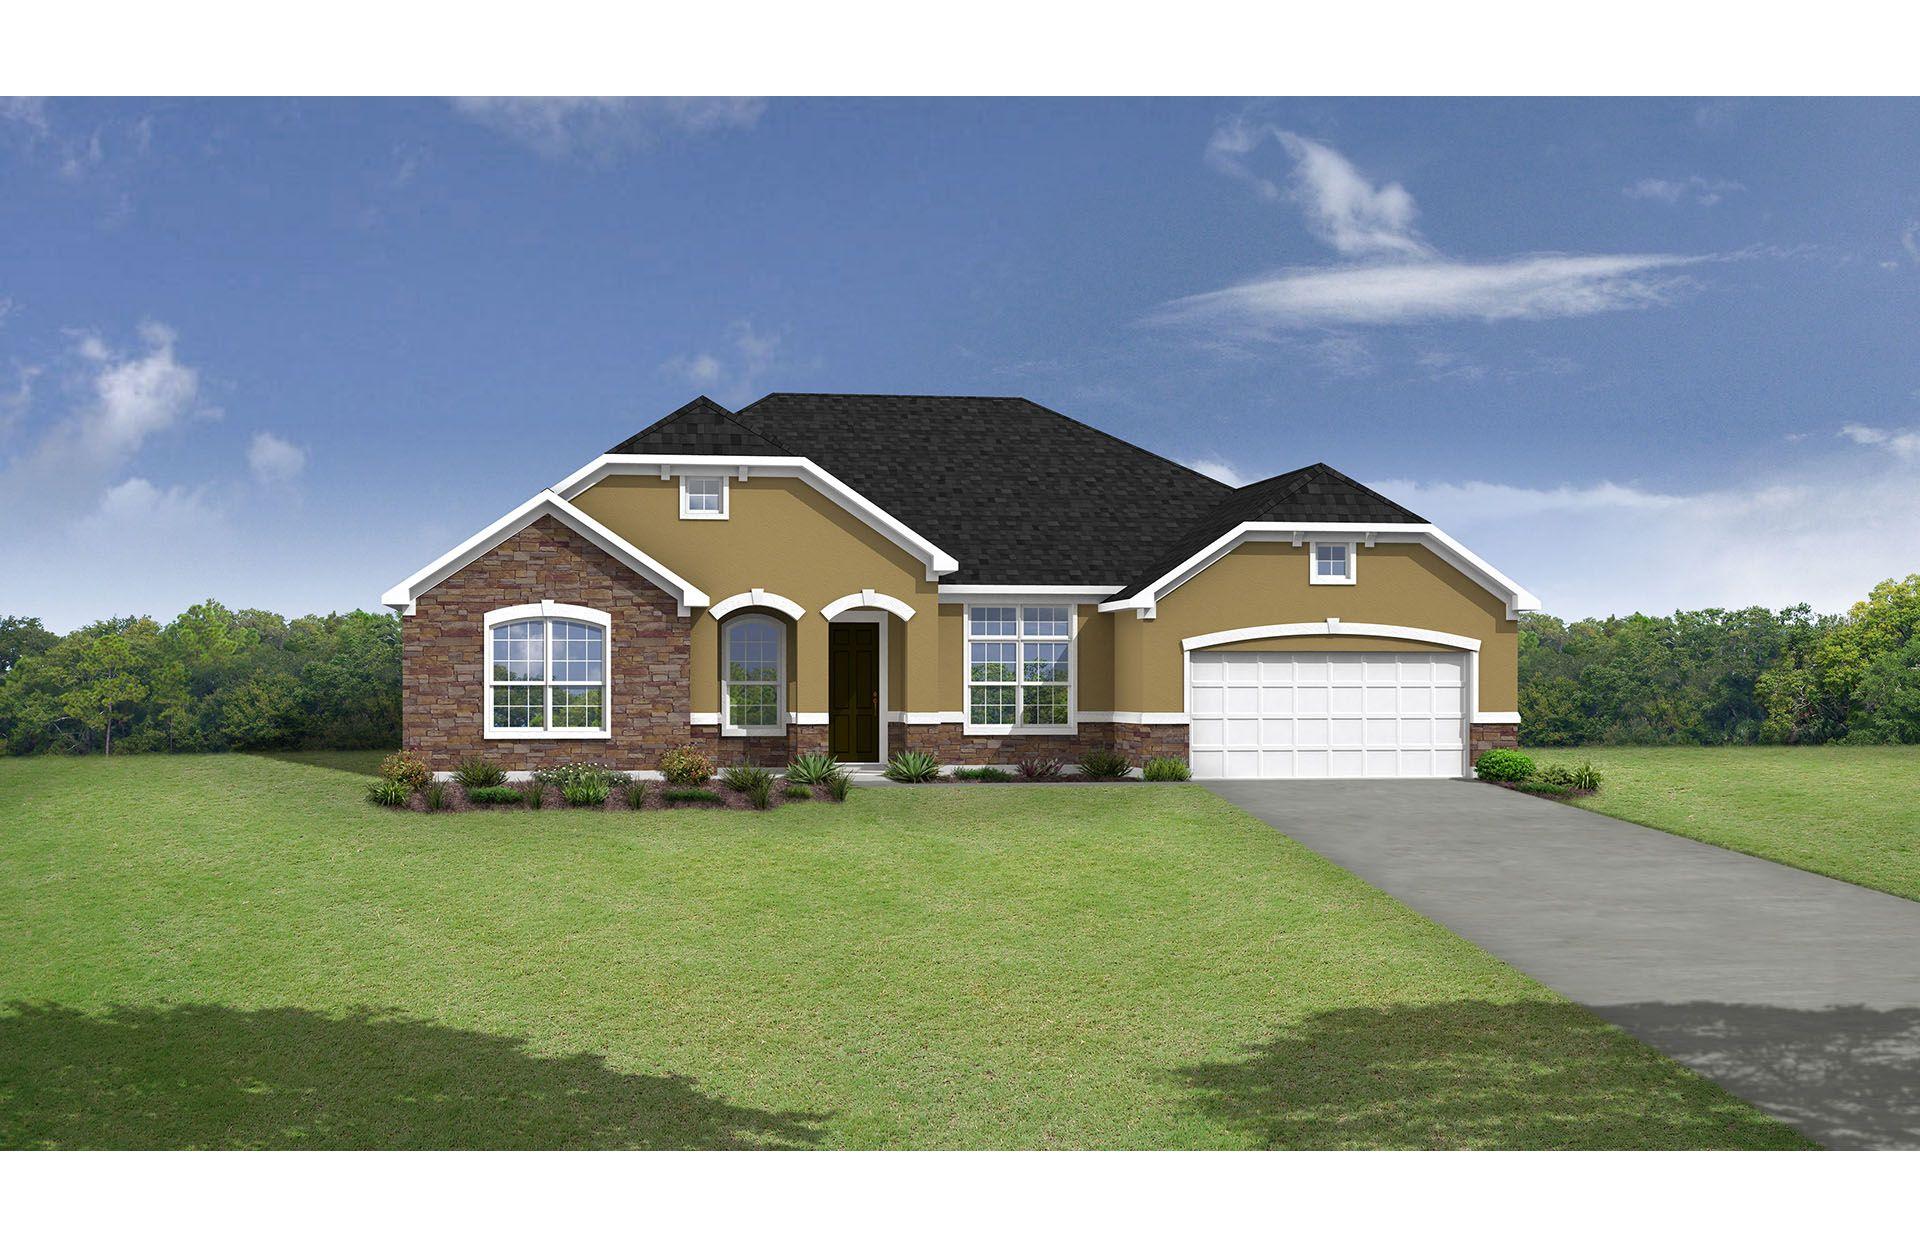 4264 Great Egret Way, Middleburg, FL Homes & Land - Real Estate